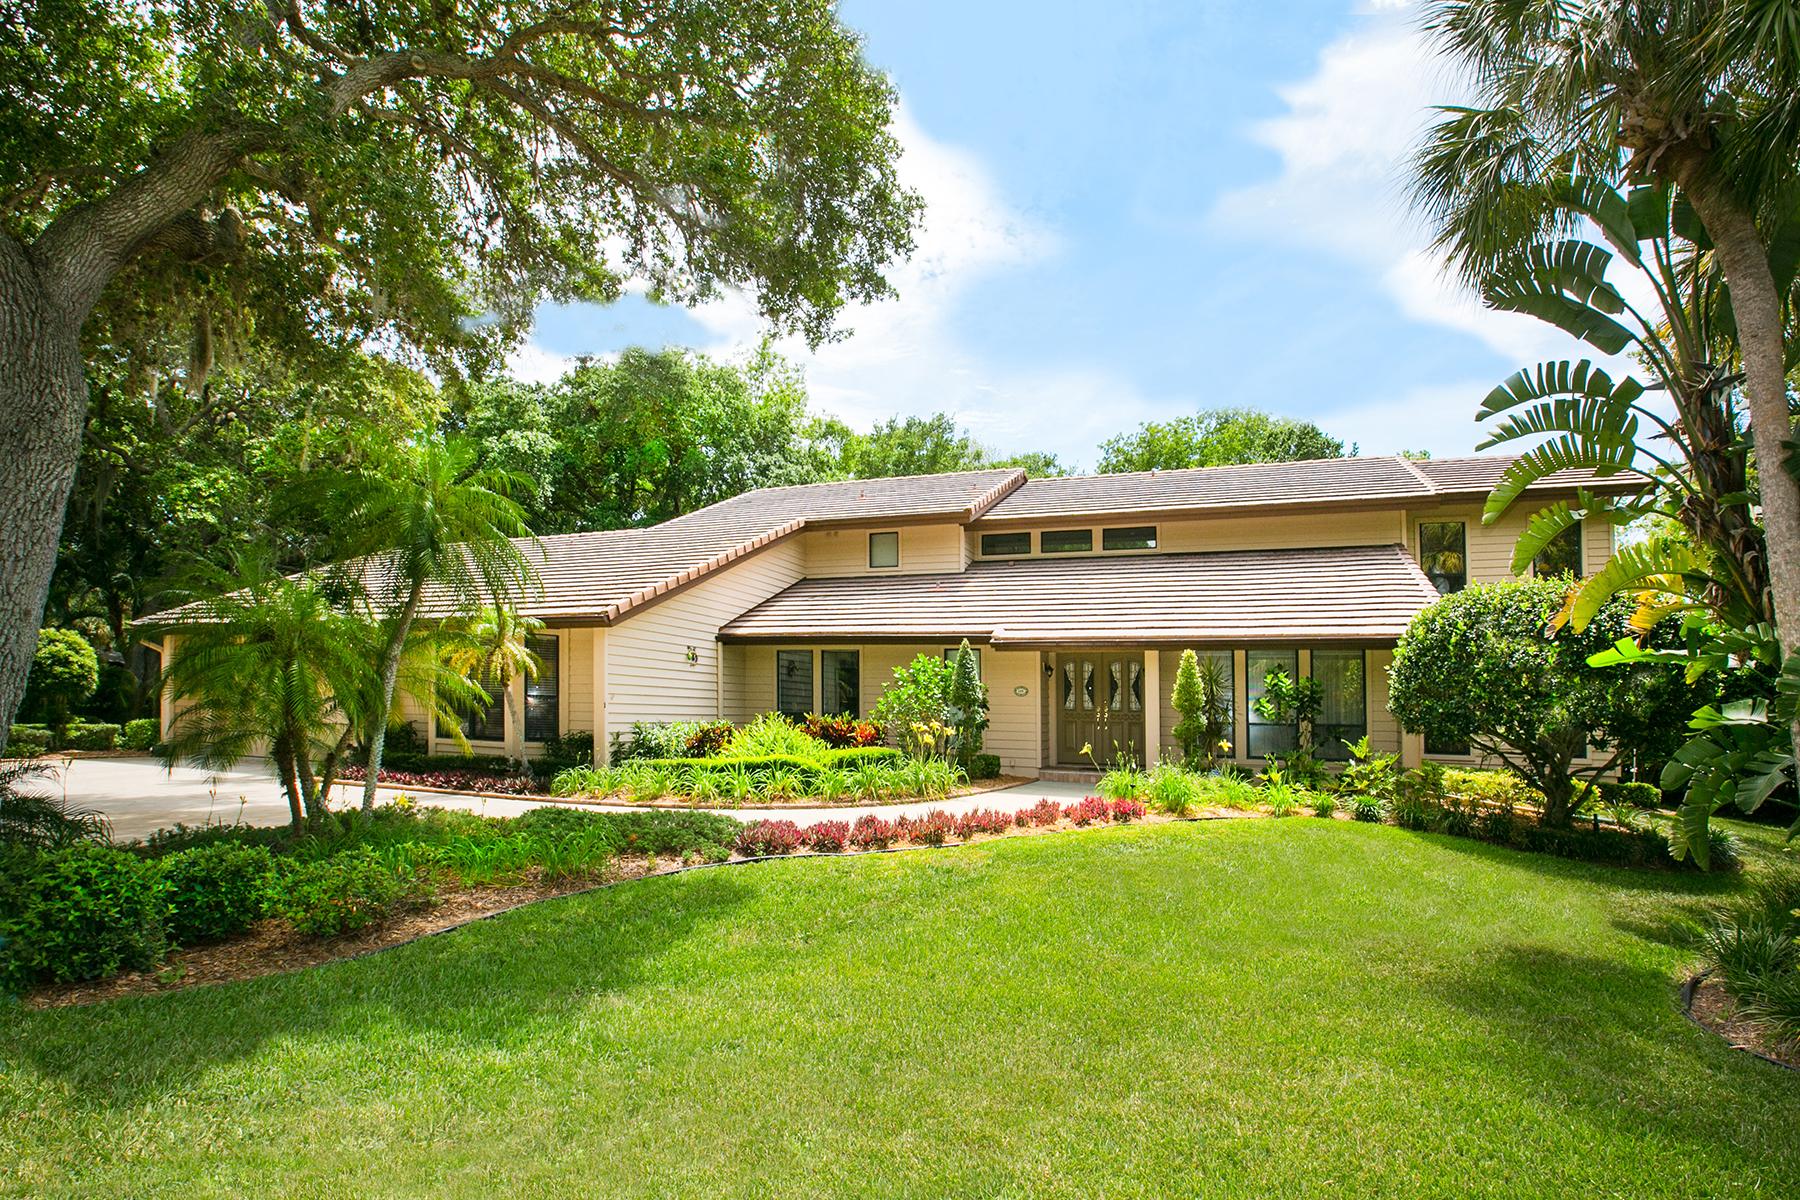 Einfamilienhaus für Verkauf beim RIVERVIEW LANDINGS 2416 Landings Cir Bradenton, Florida 34209 Vereinigte Staaten